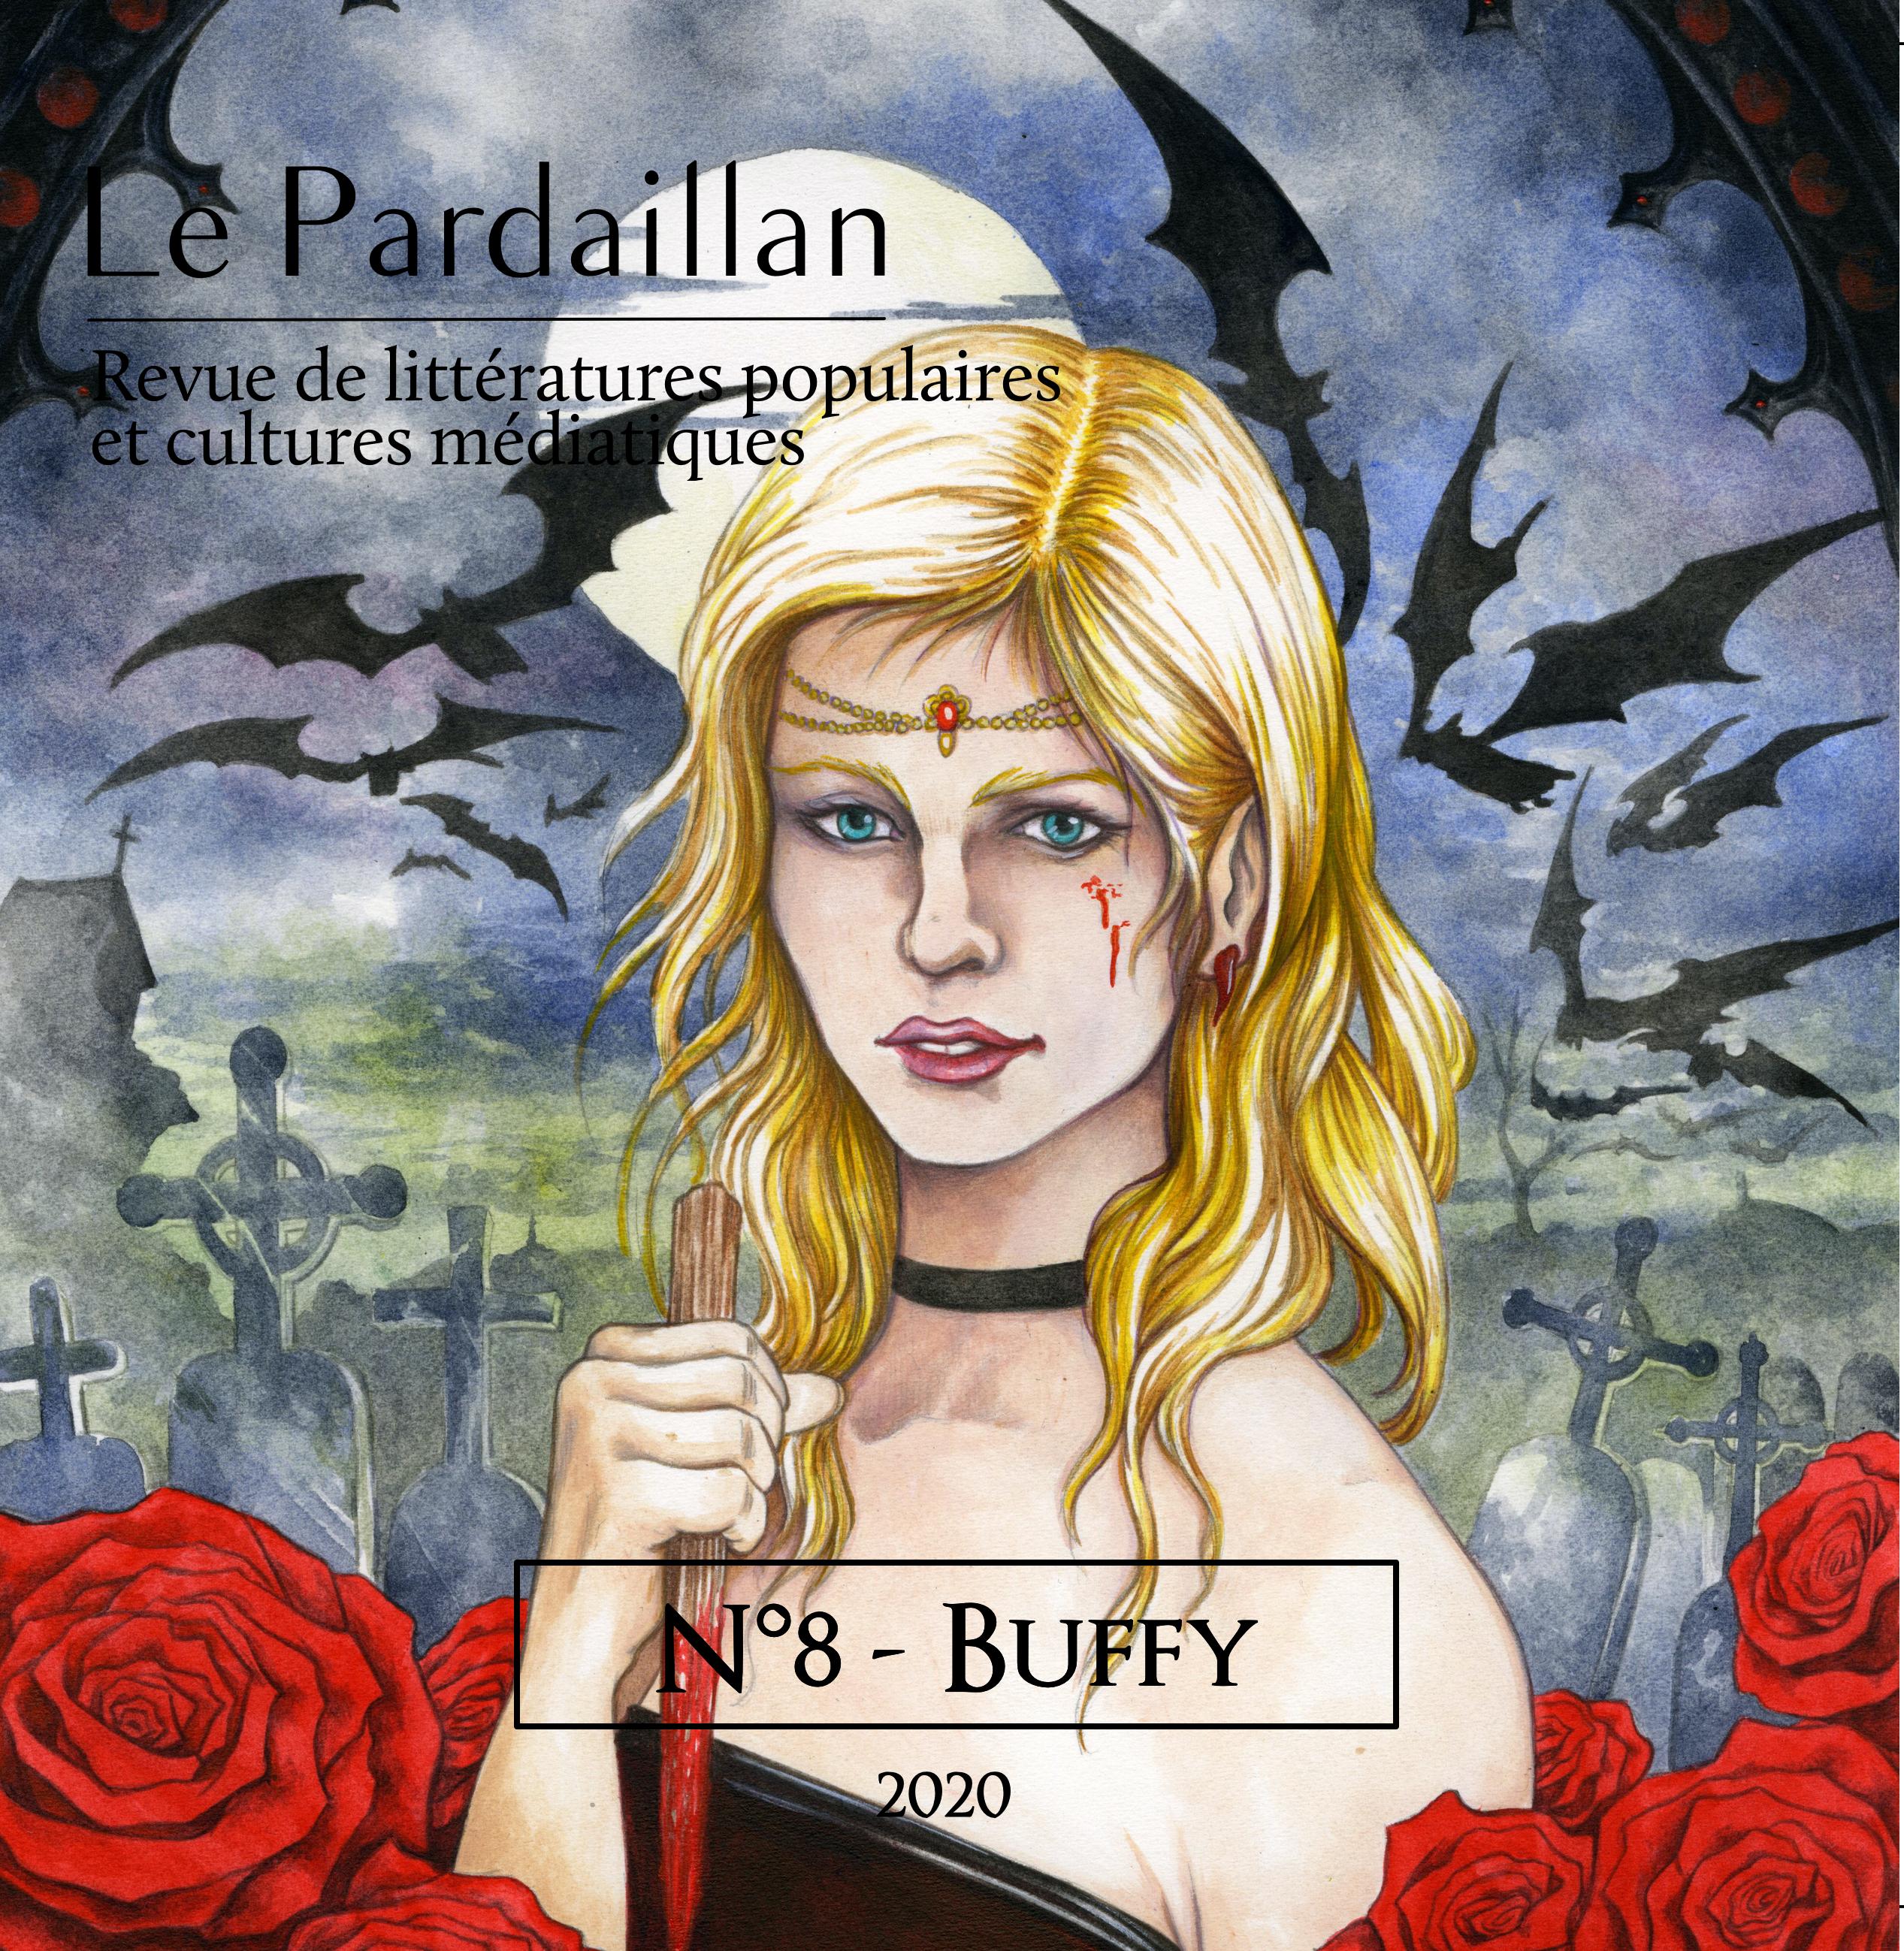 Le Pardaillan N°8 - Buffy. Toutes les fables de ta vie Image